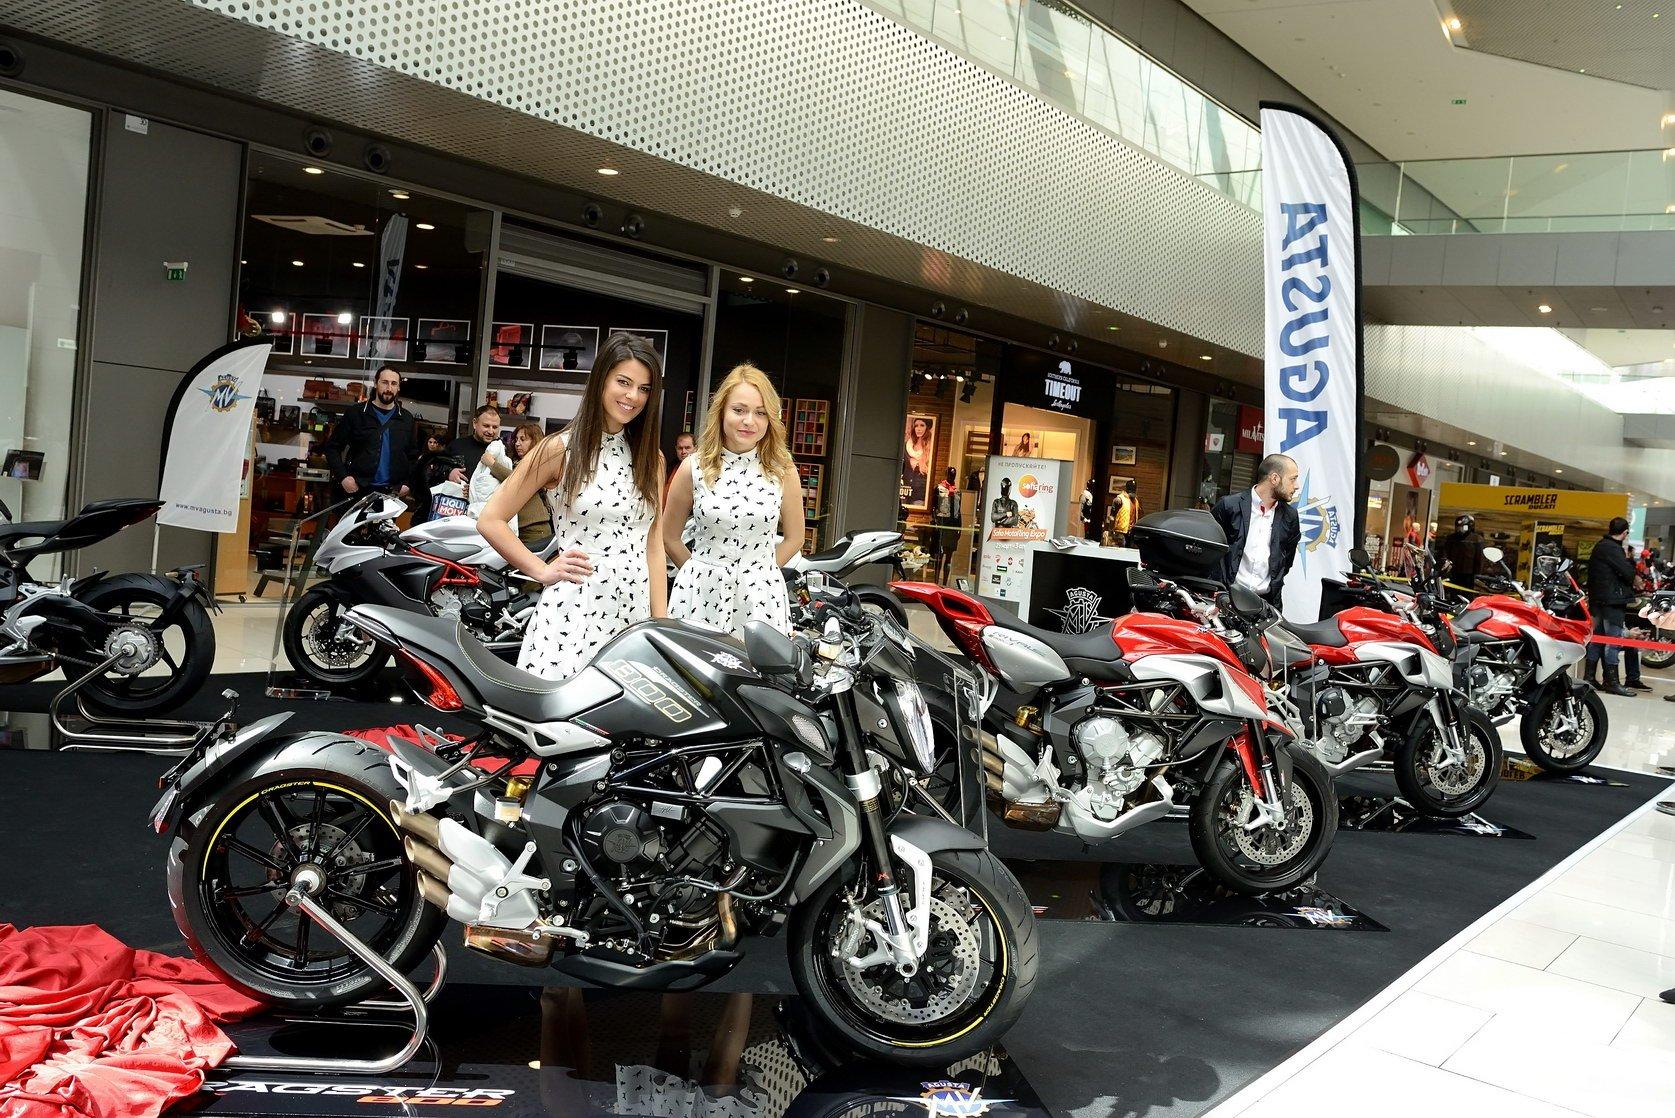 Sofia Ring Mall – Moto expo